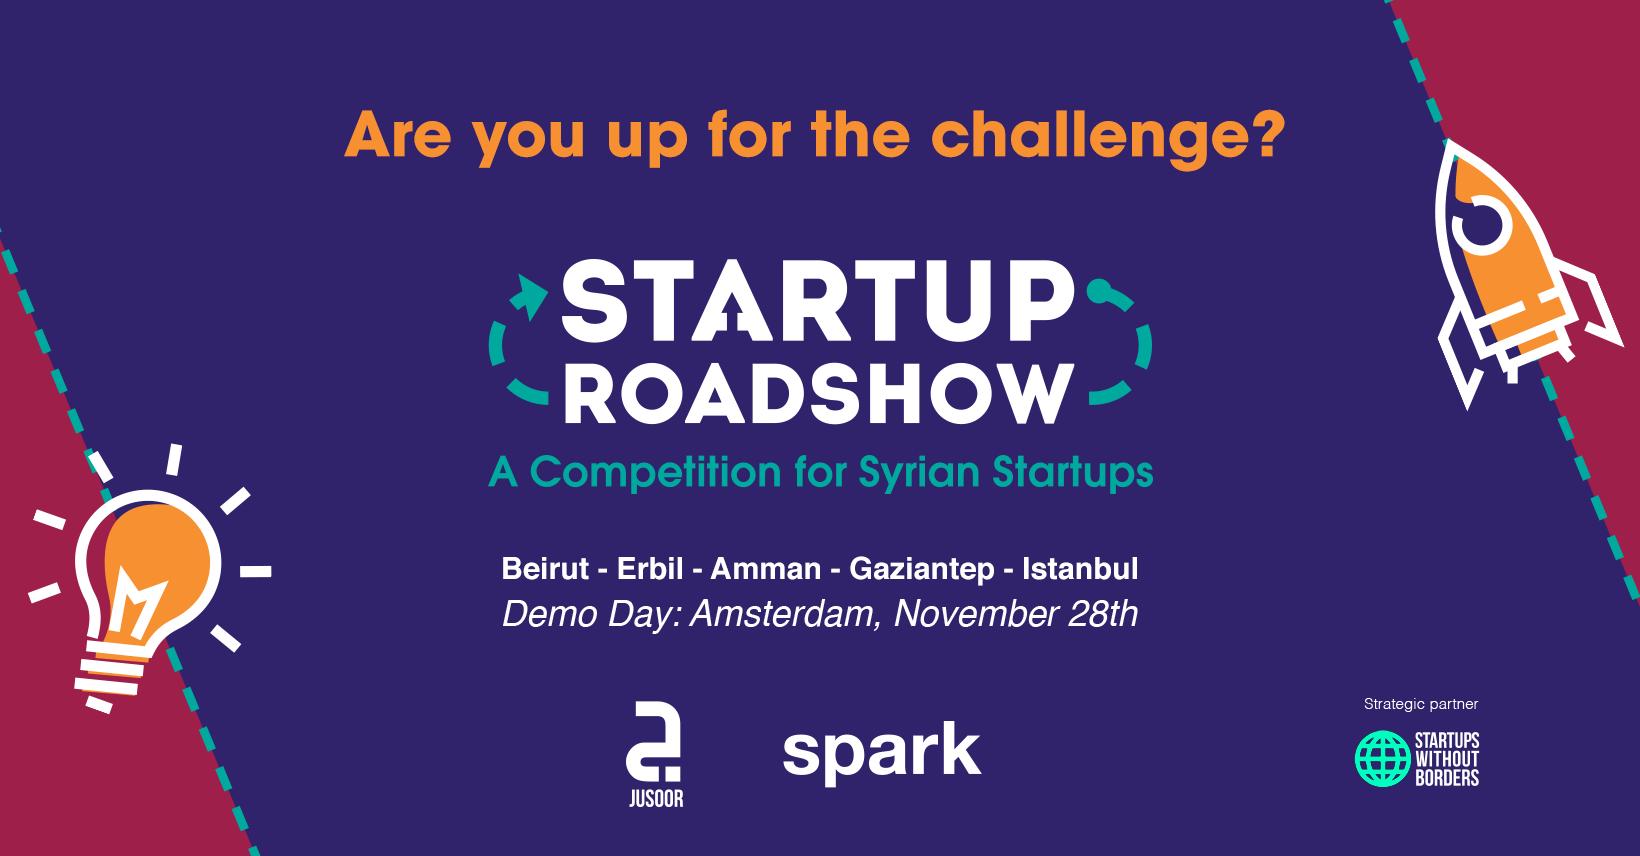 Jusoor Startup Roadshow